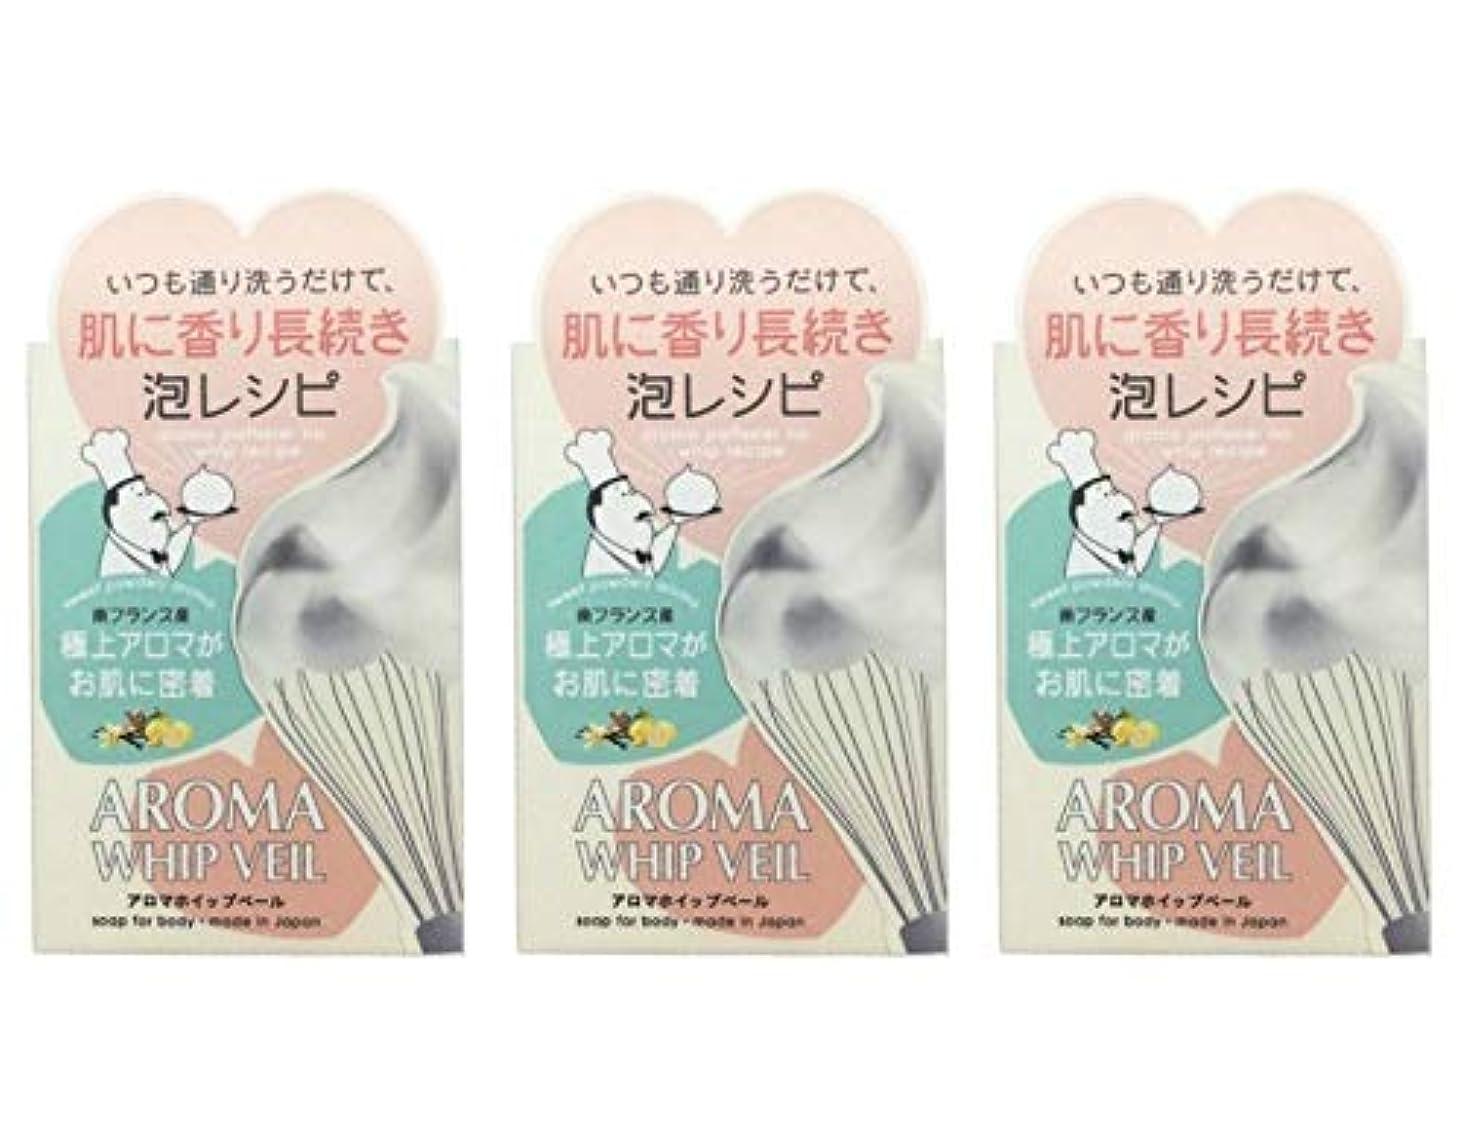 パワーセル床を掃除する経験者【3個セット】ペリカン石鹸 アロマホイップベール石鹸 100g【3個セット】